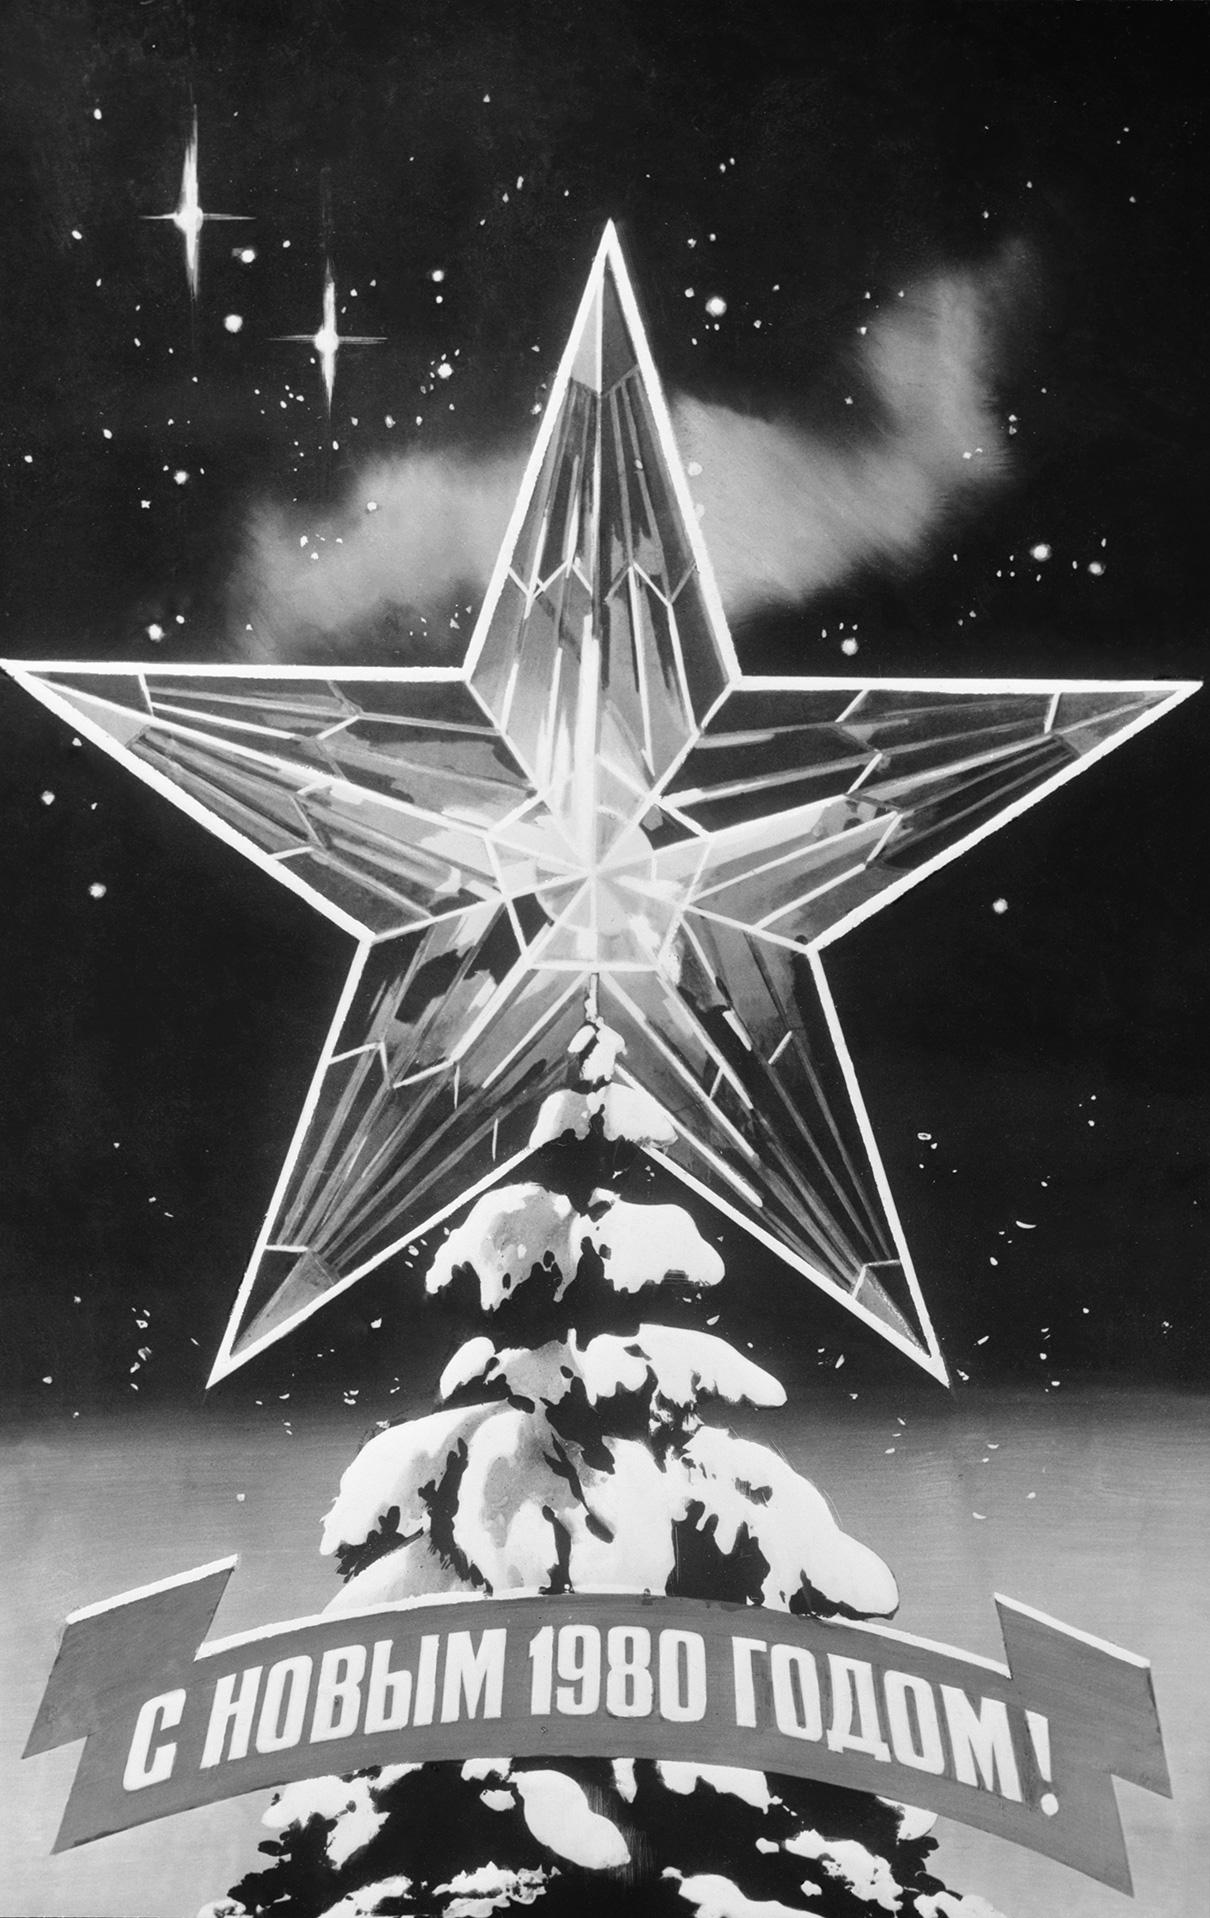 Плакат художника В. Викторова «С Новым, 1980 годом!». Издательство «Плакат»